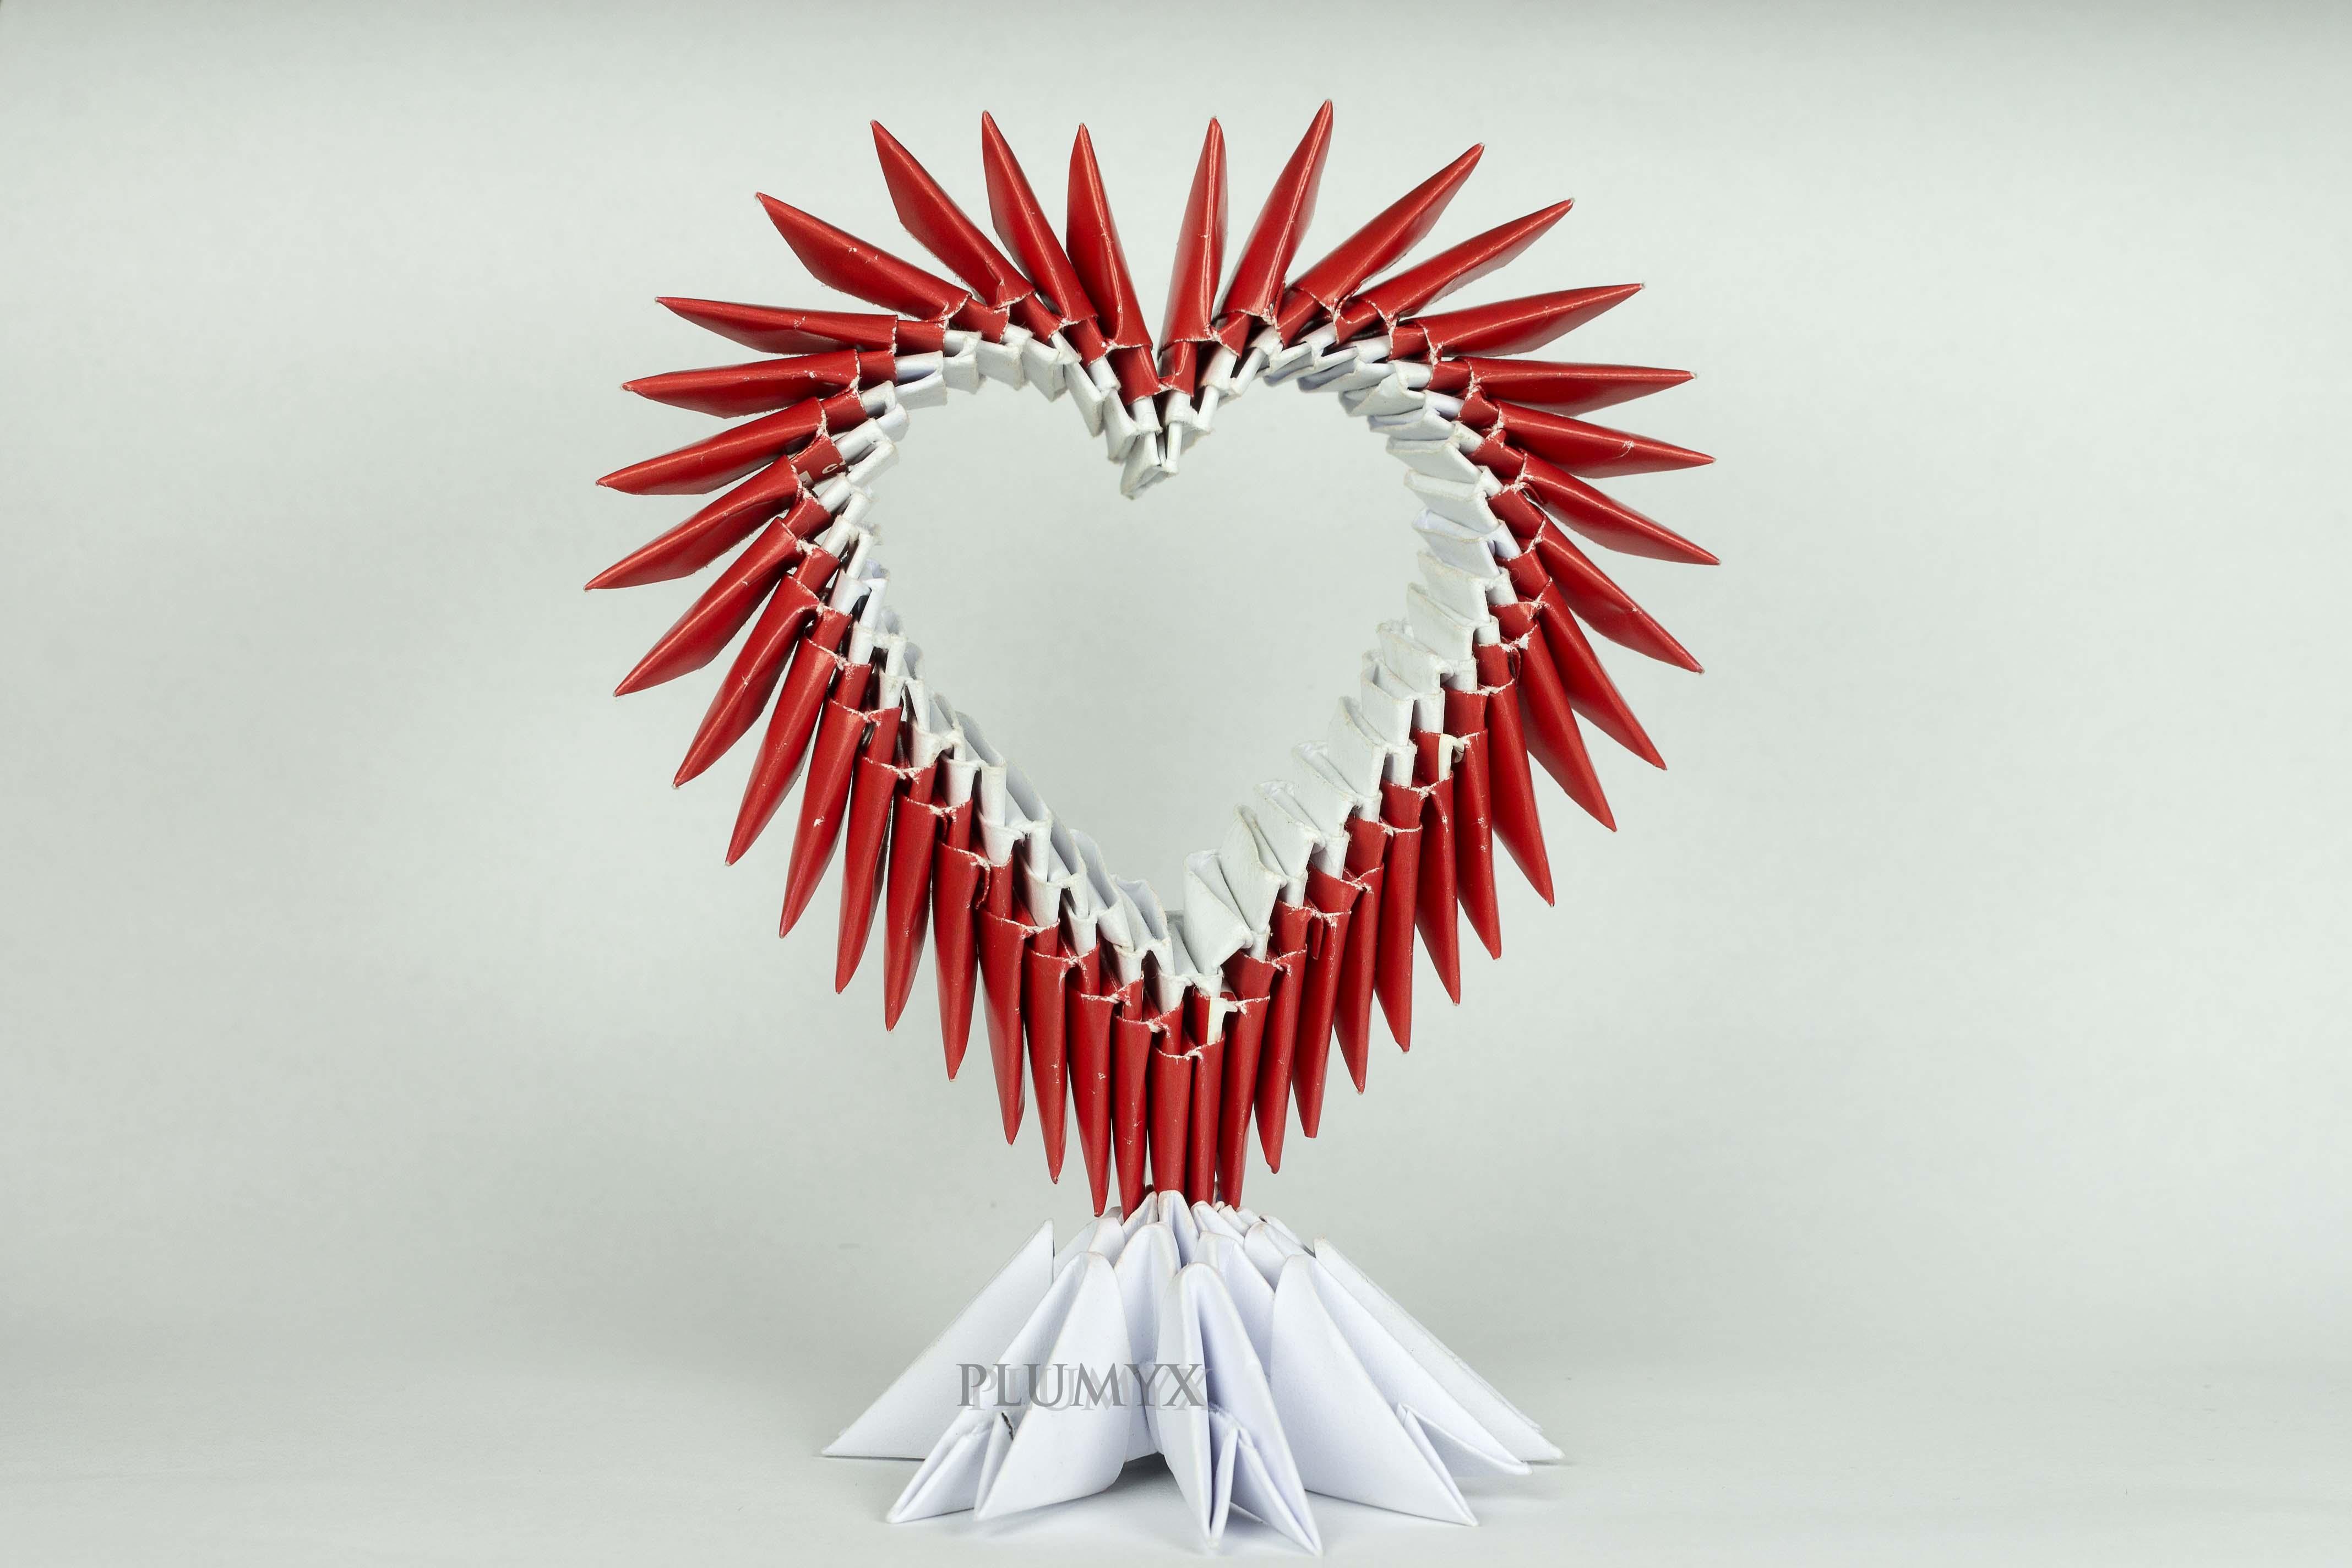 Corazón modular   Plumyx